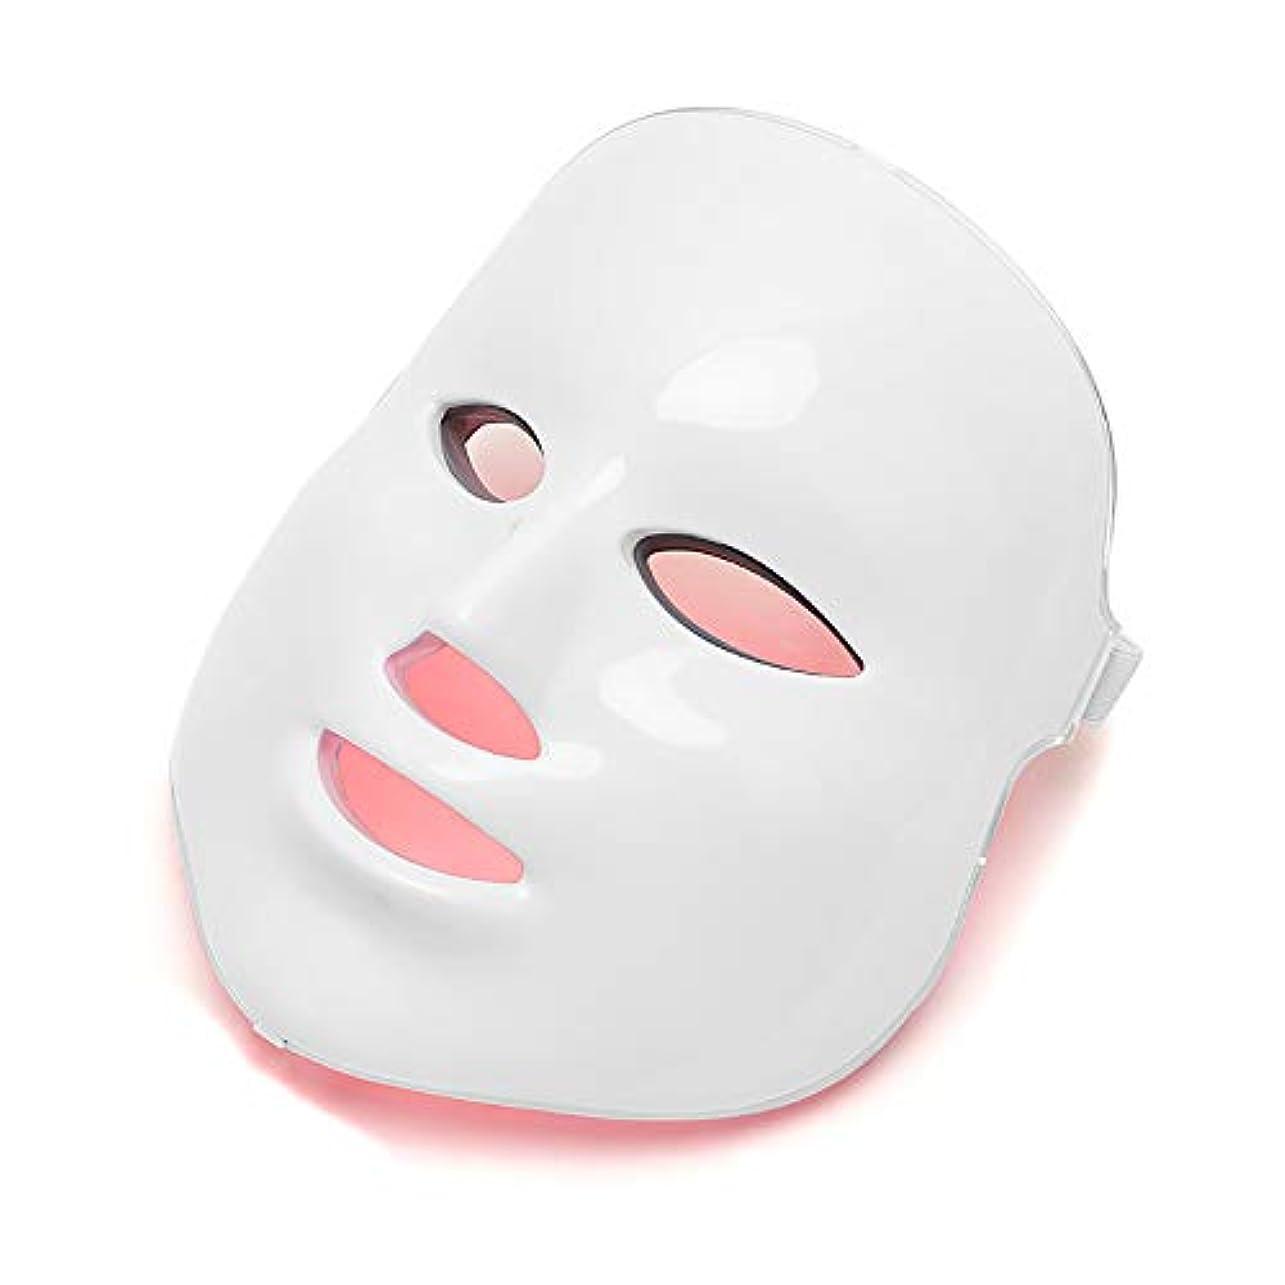 雑多な応用恥ずかしさ7色の顔のマスクLED顔のマスクLEDの顔のマスクの美は導かれた顔のマスクの美機械を導きました